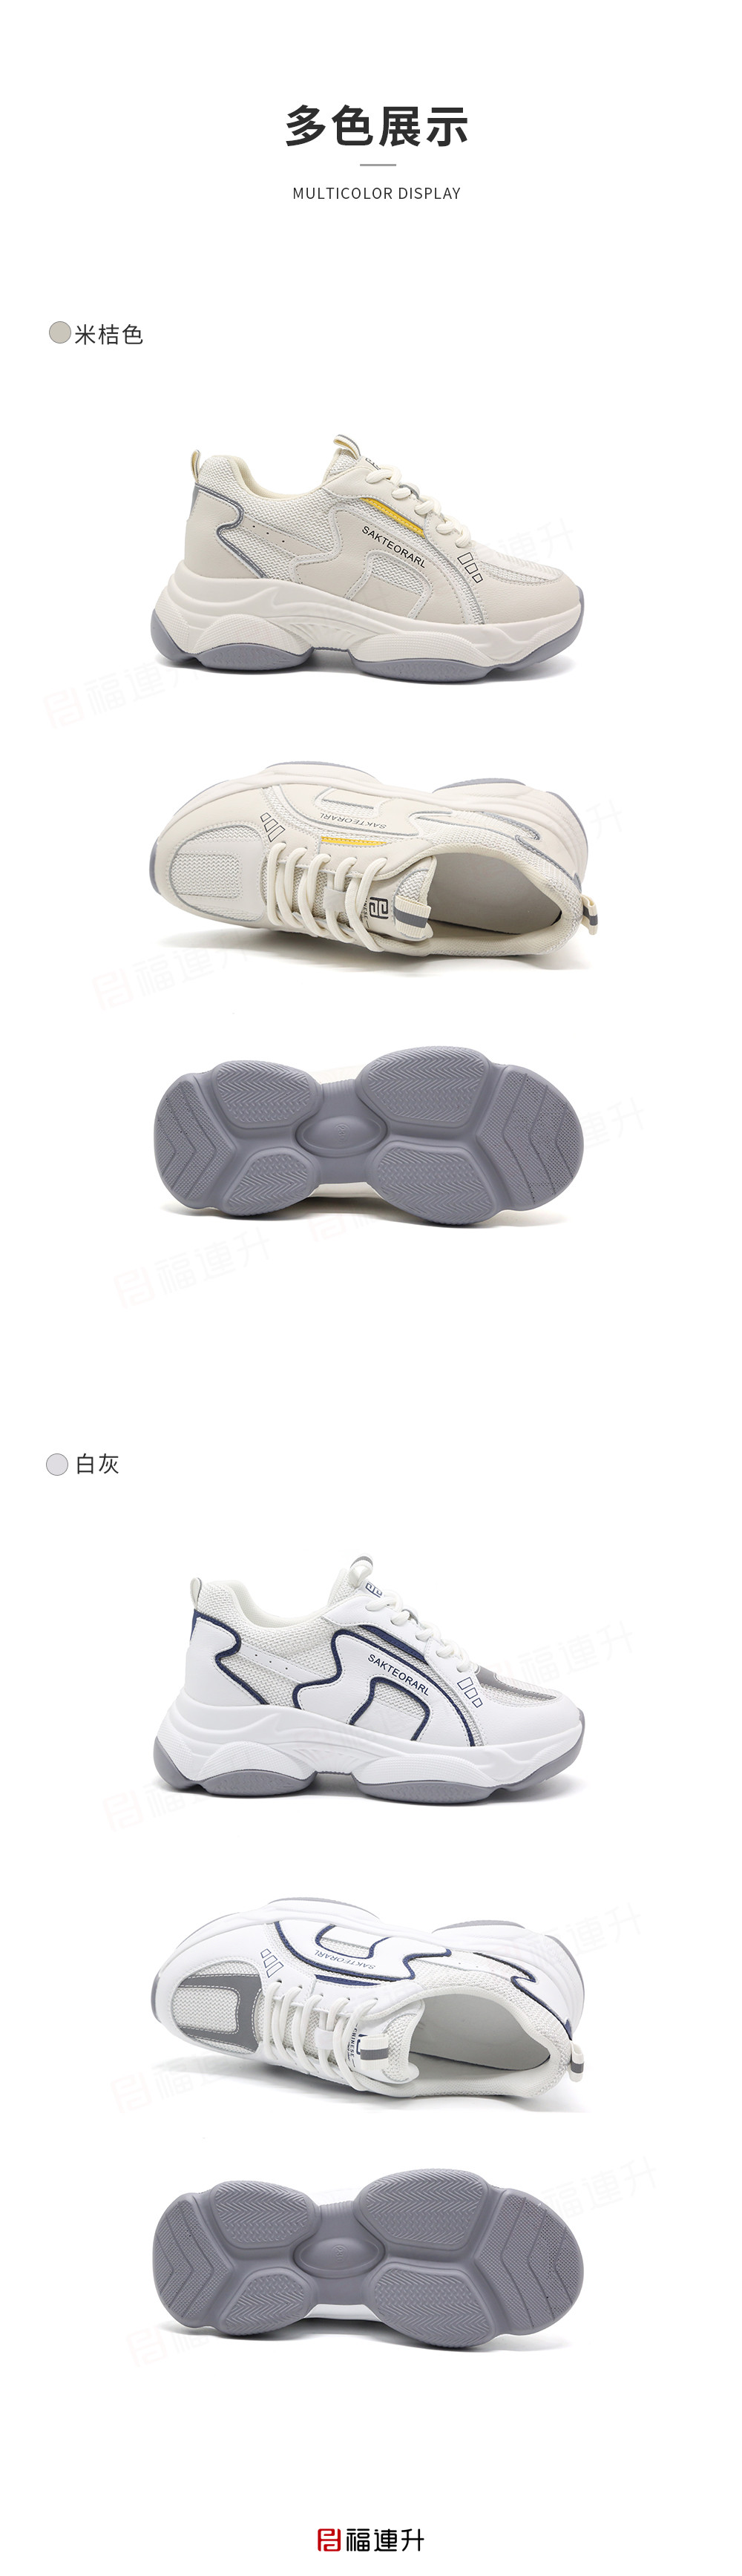 福连升秋季厚底内增高休闲运动女鞋时尚运动老爹鞋图片